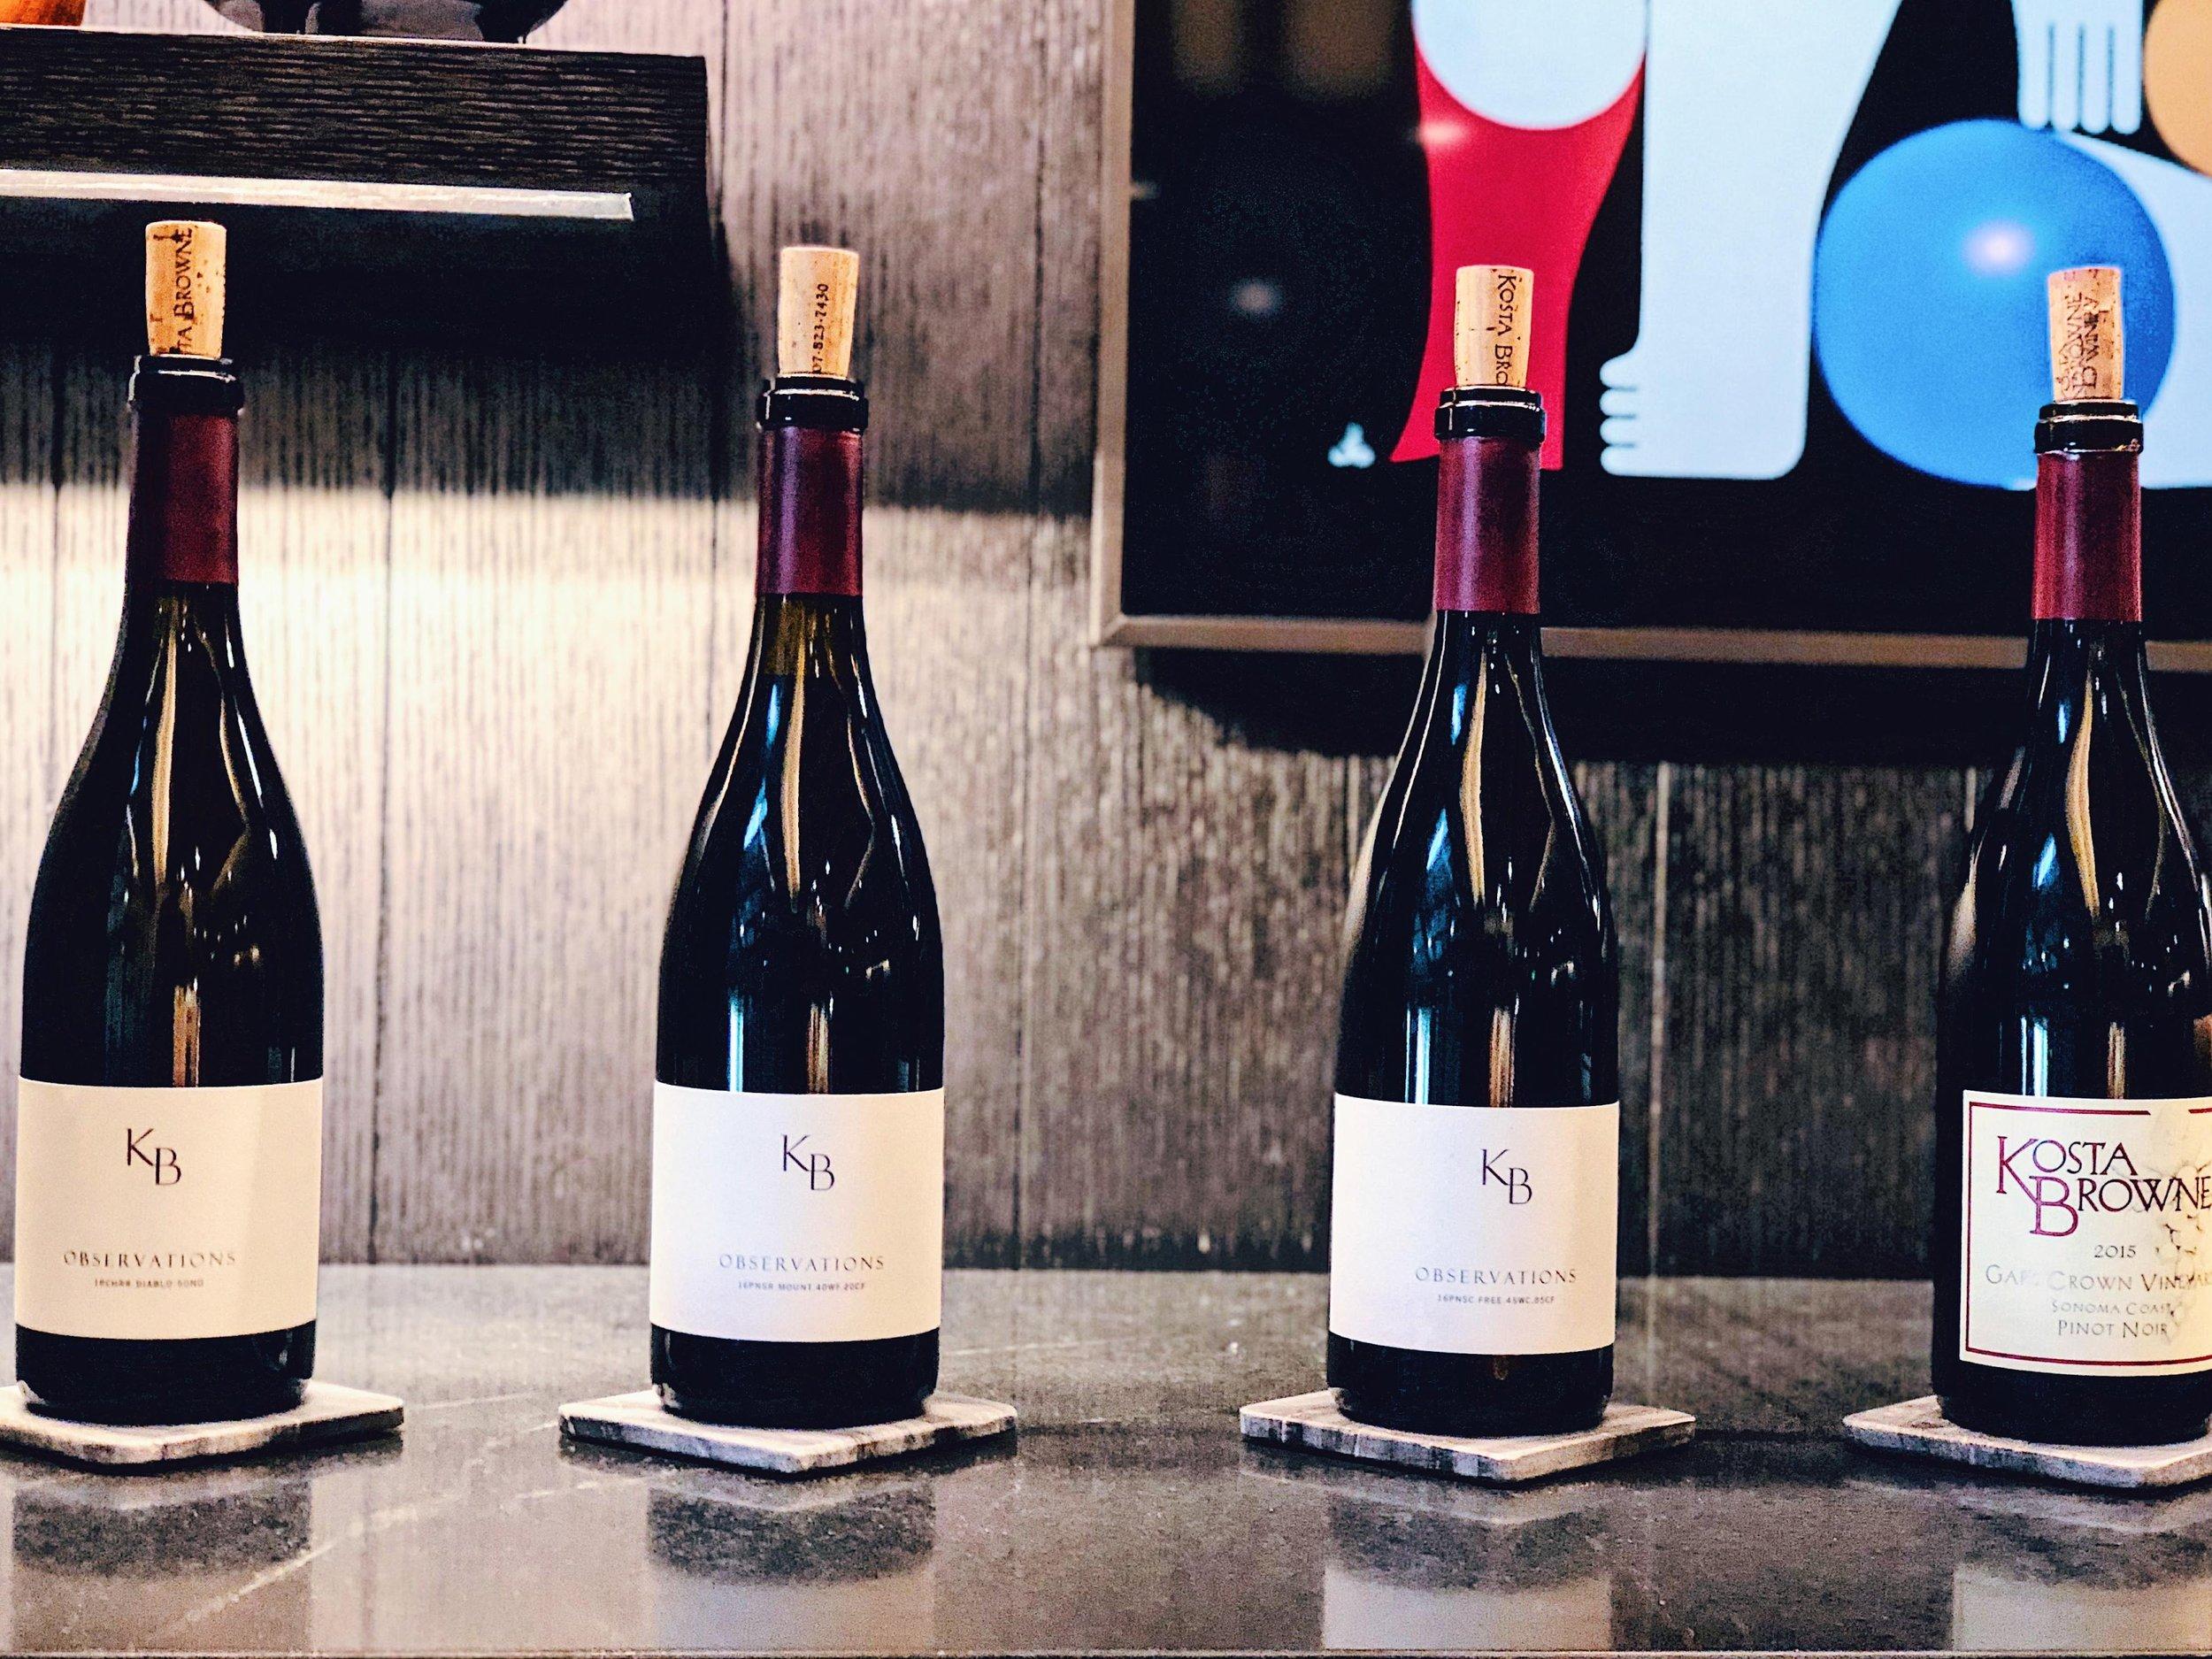 Observation Series Wines At Kosta Browne